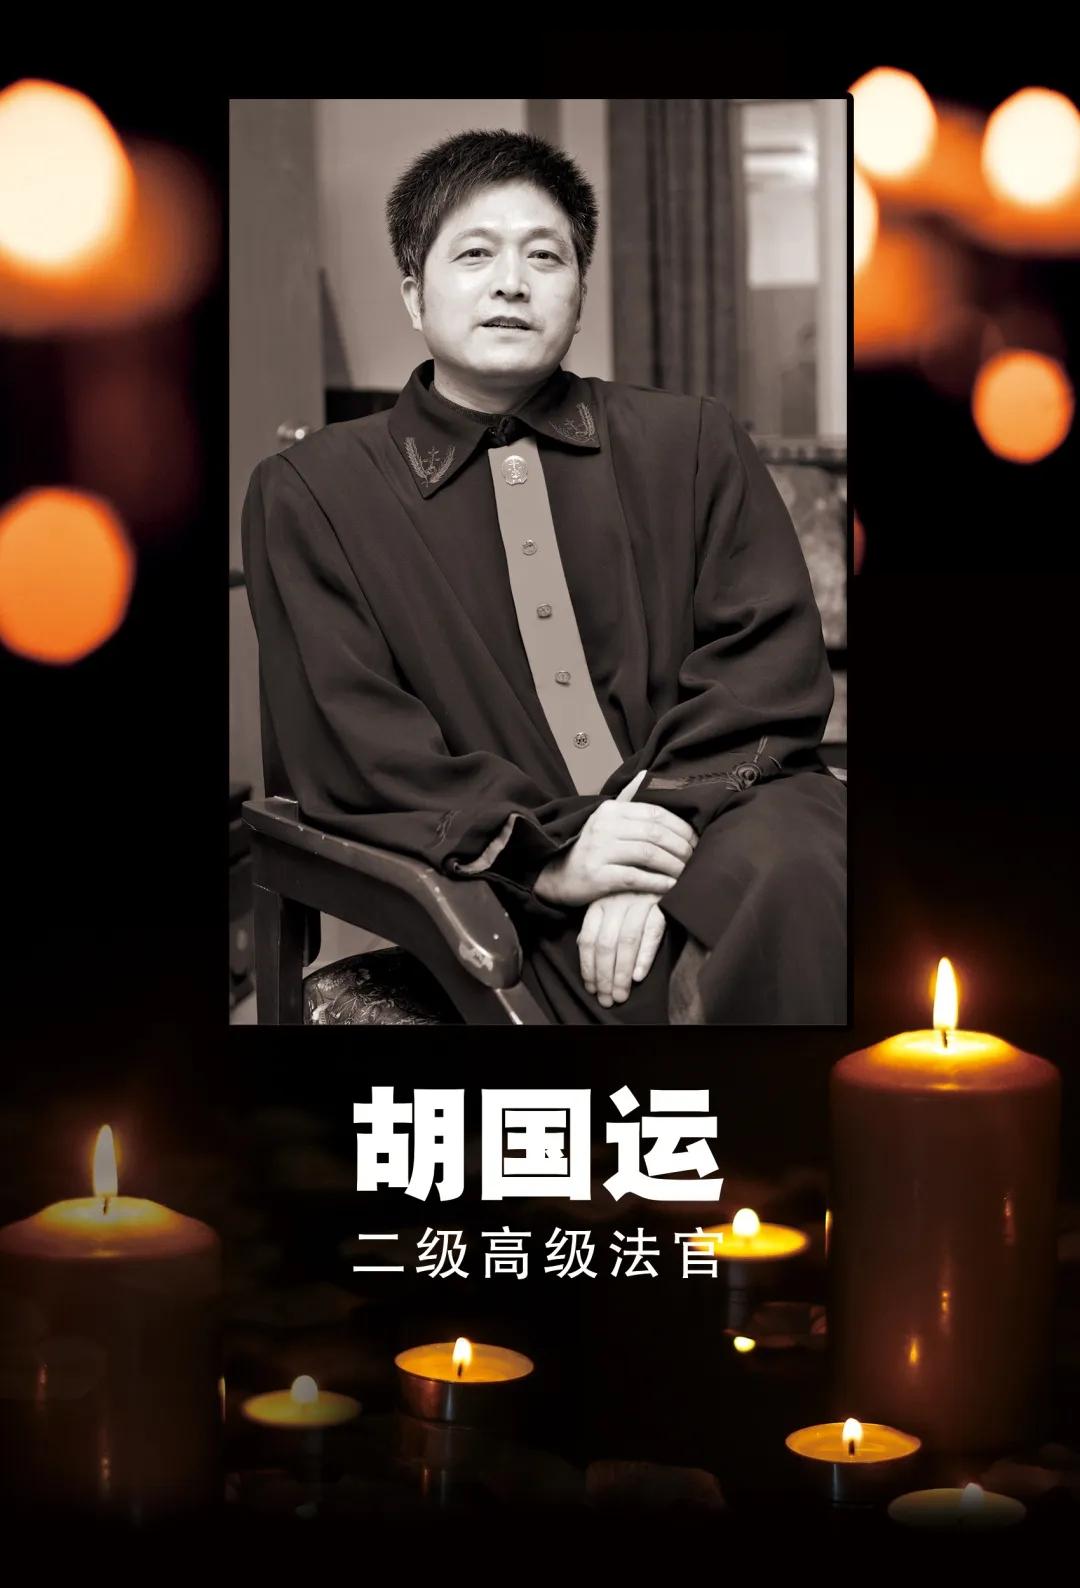 江西高院二级高级法官胡国运因公殉职,年仅56岁图片